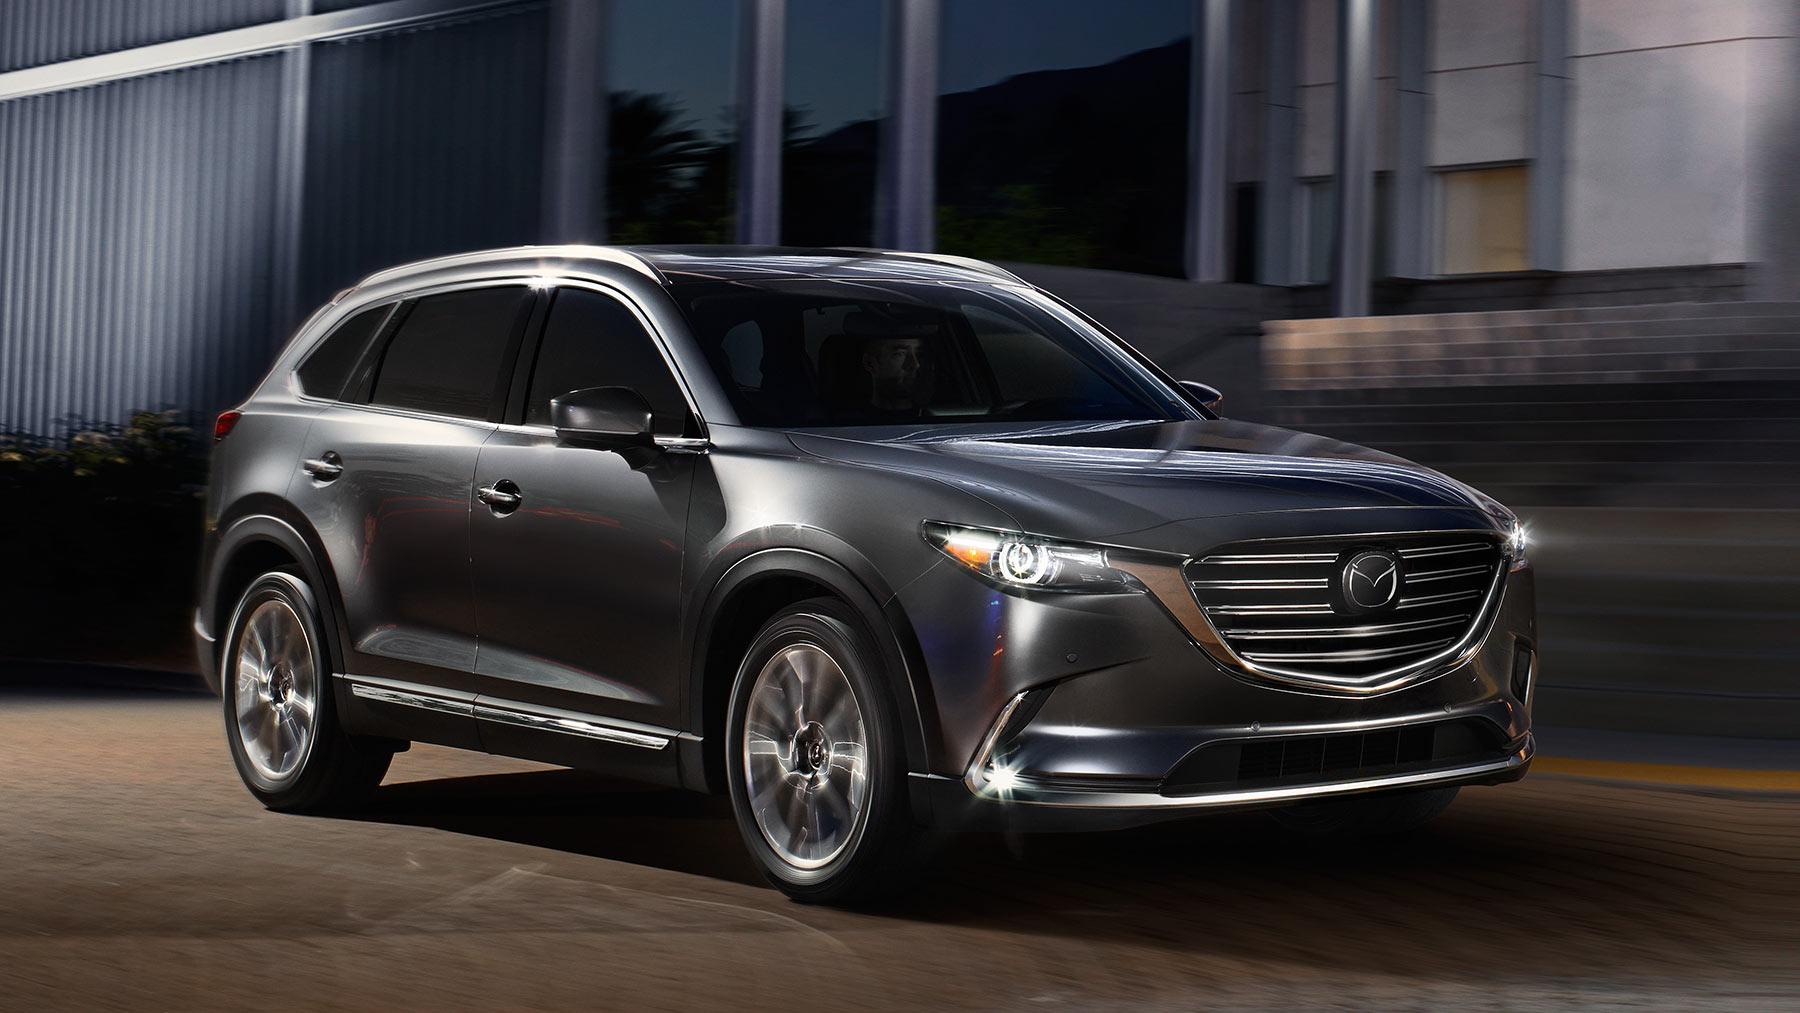 2018 Mazda CX-9 for Sale near Fairfield, CA - Mazda of Elk Grove